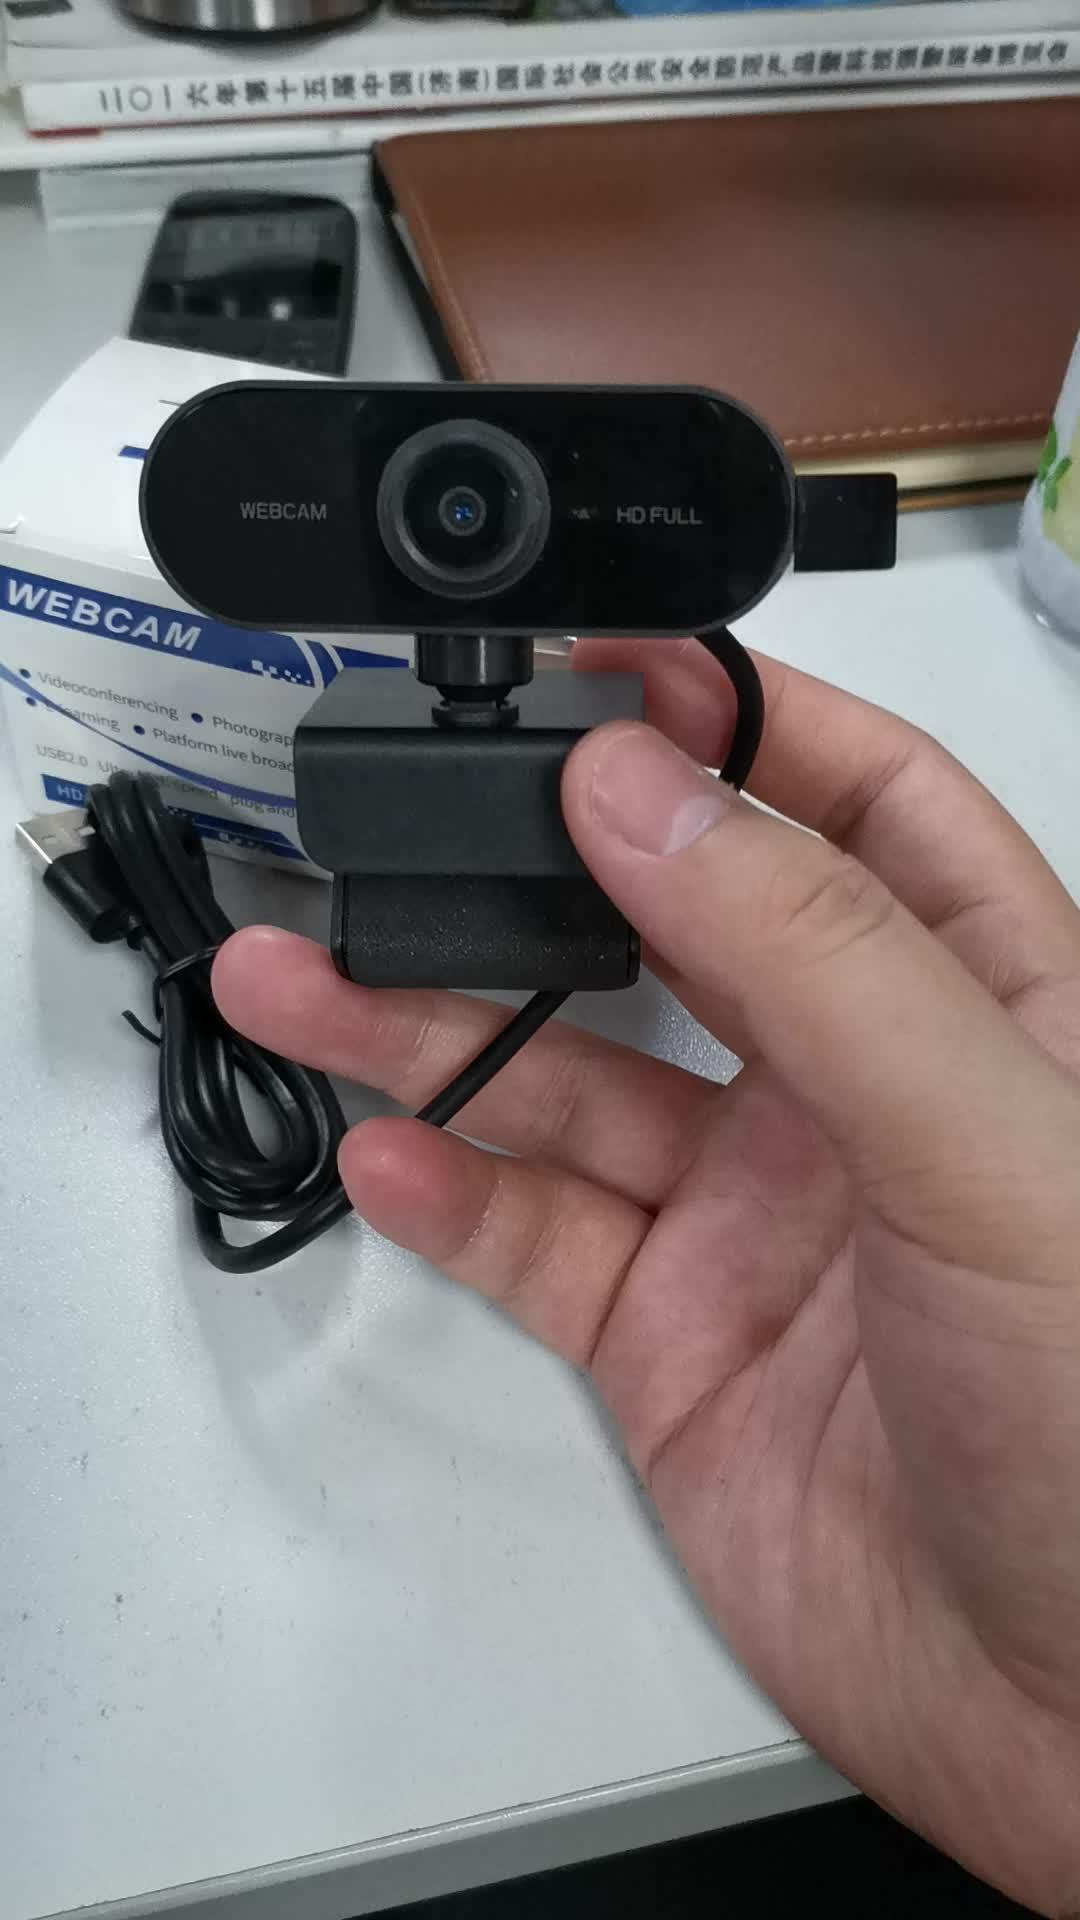 Горячая распродажа Оптовая Продажа с фабрики водителя Plug and play 1080P с разрешением full HD USB веб-камера